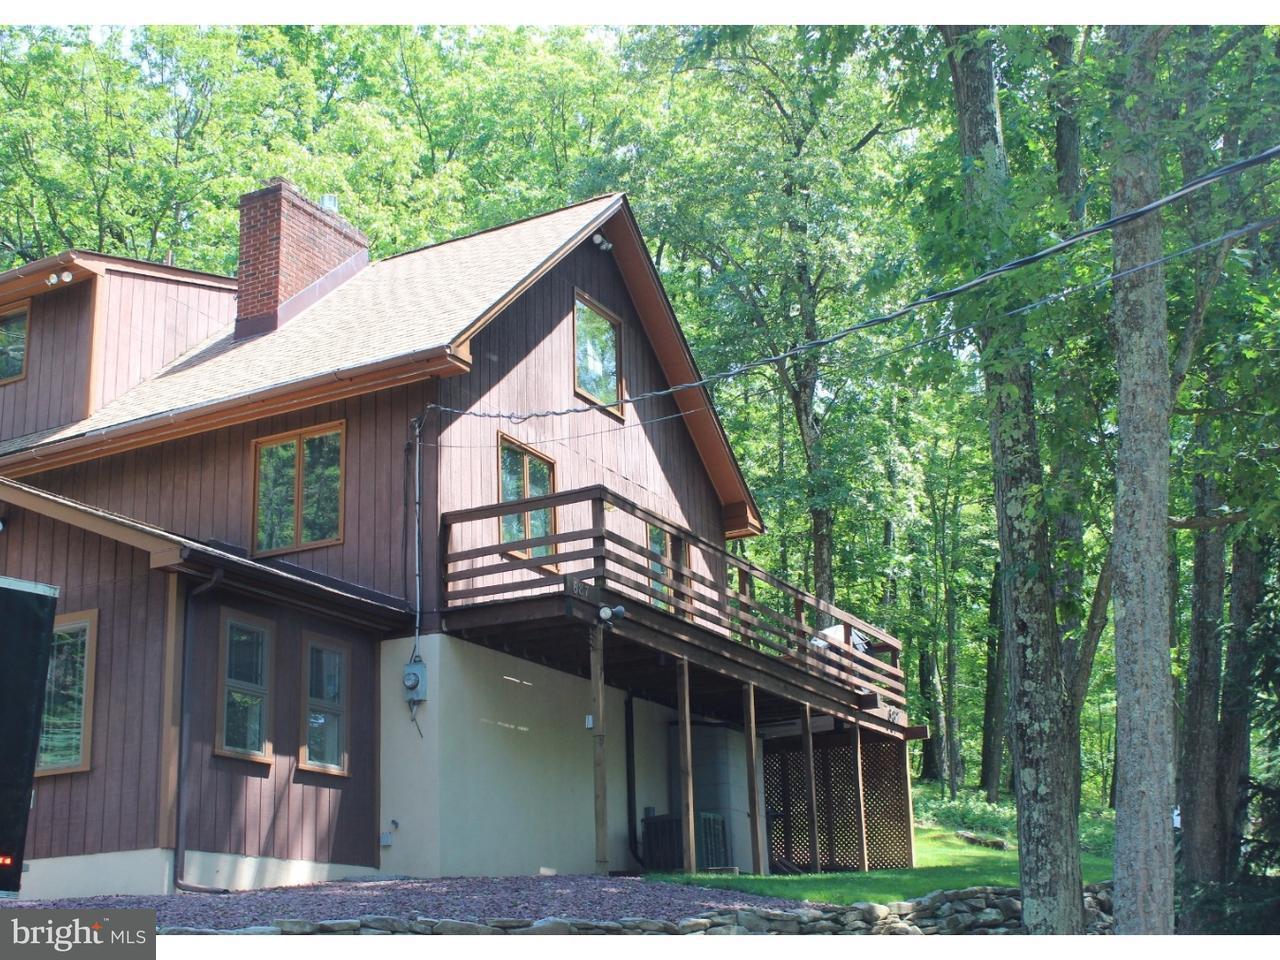 Частный односемейный дом для того Продажа на 687 TAHOE Lane Zion Grove, Пенсильвания 17985 Соединенные Штаты